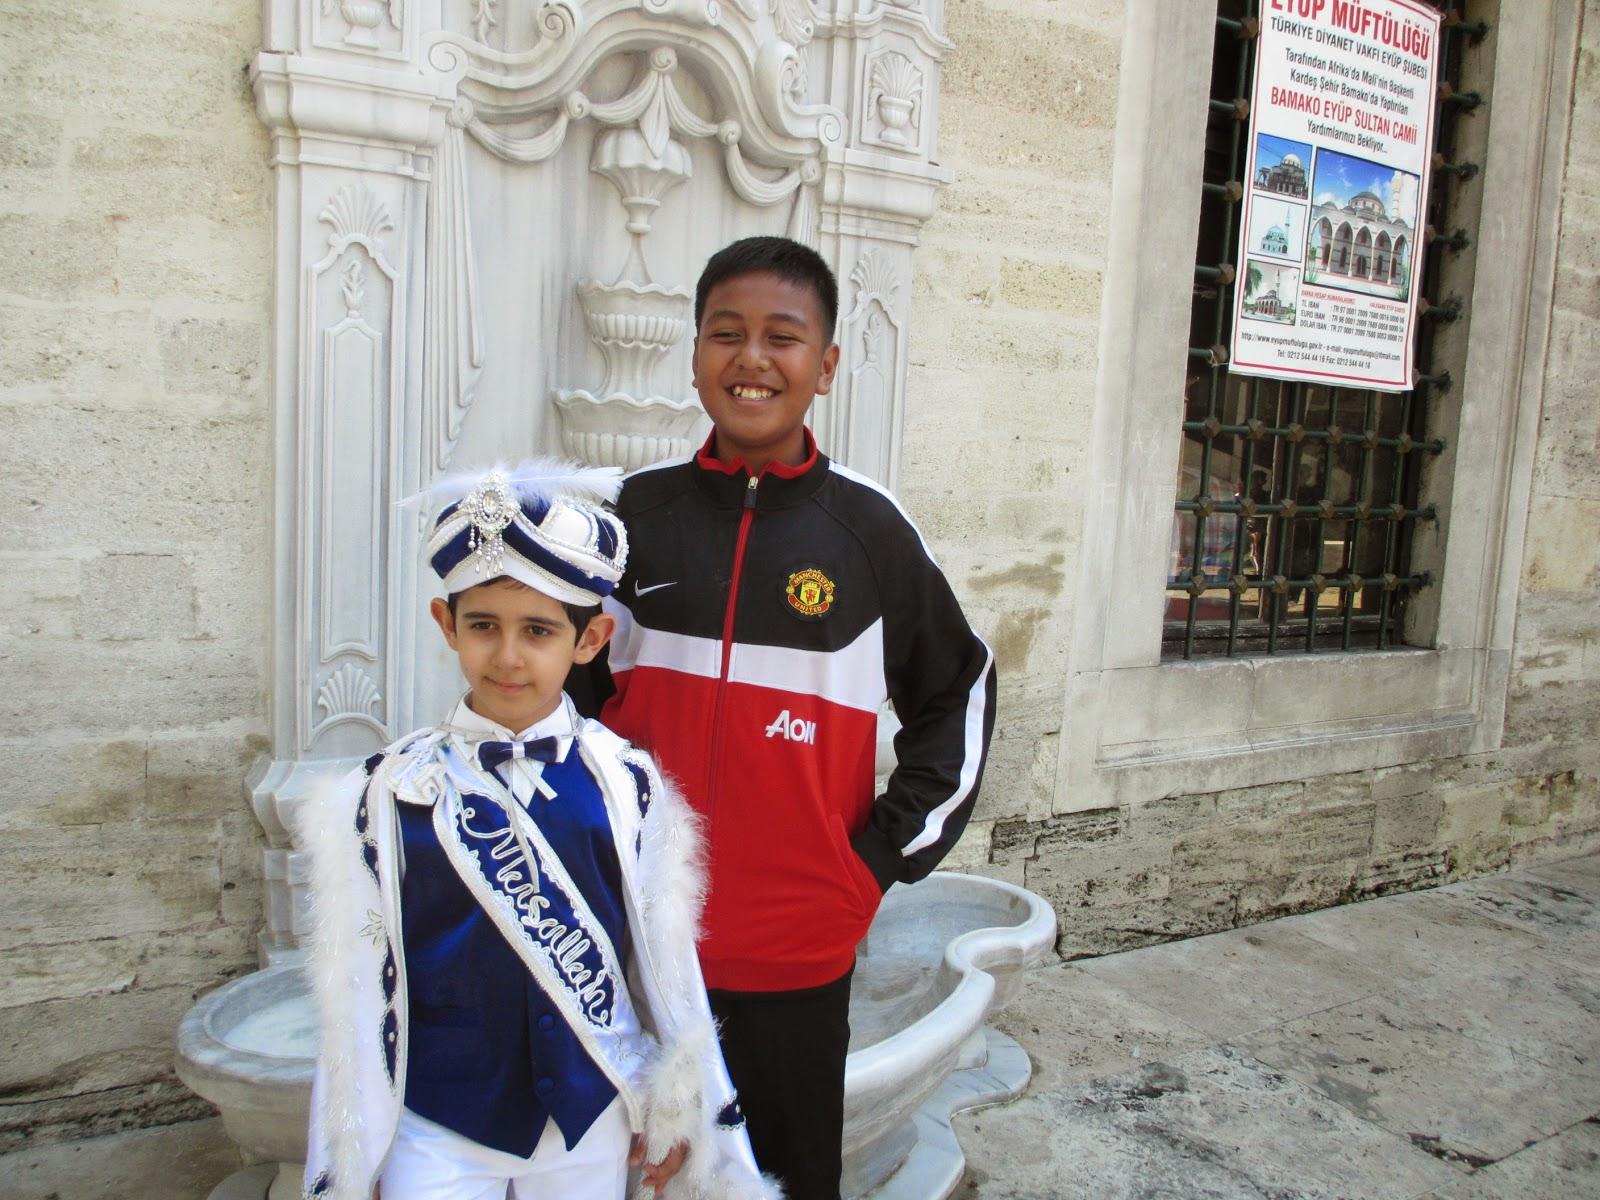 Travel Umroh Haji Travel Terbaik Bagus dan Terpercaya